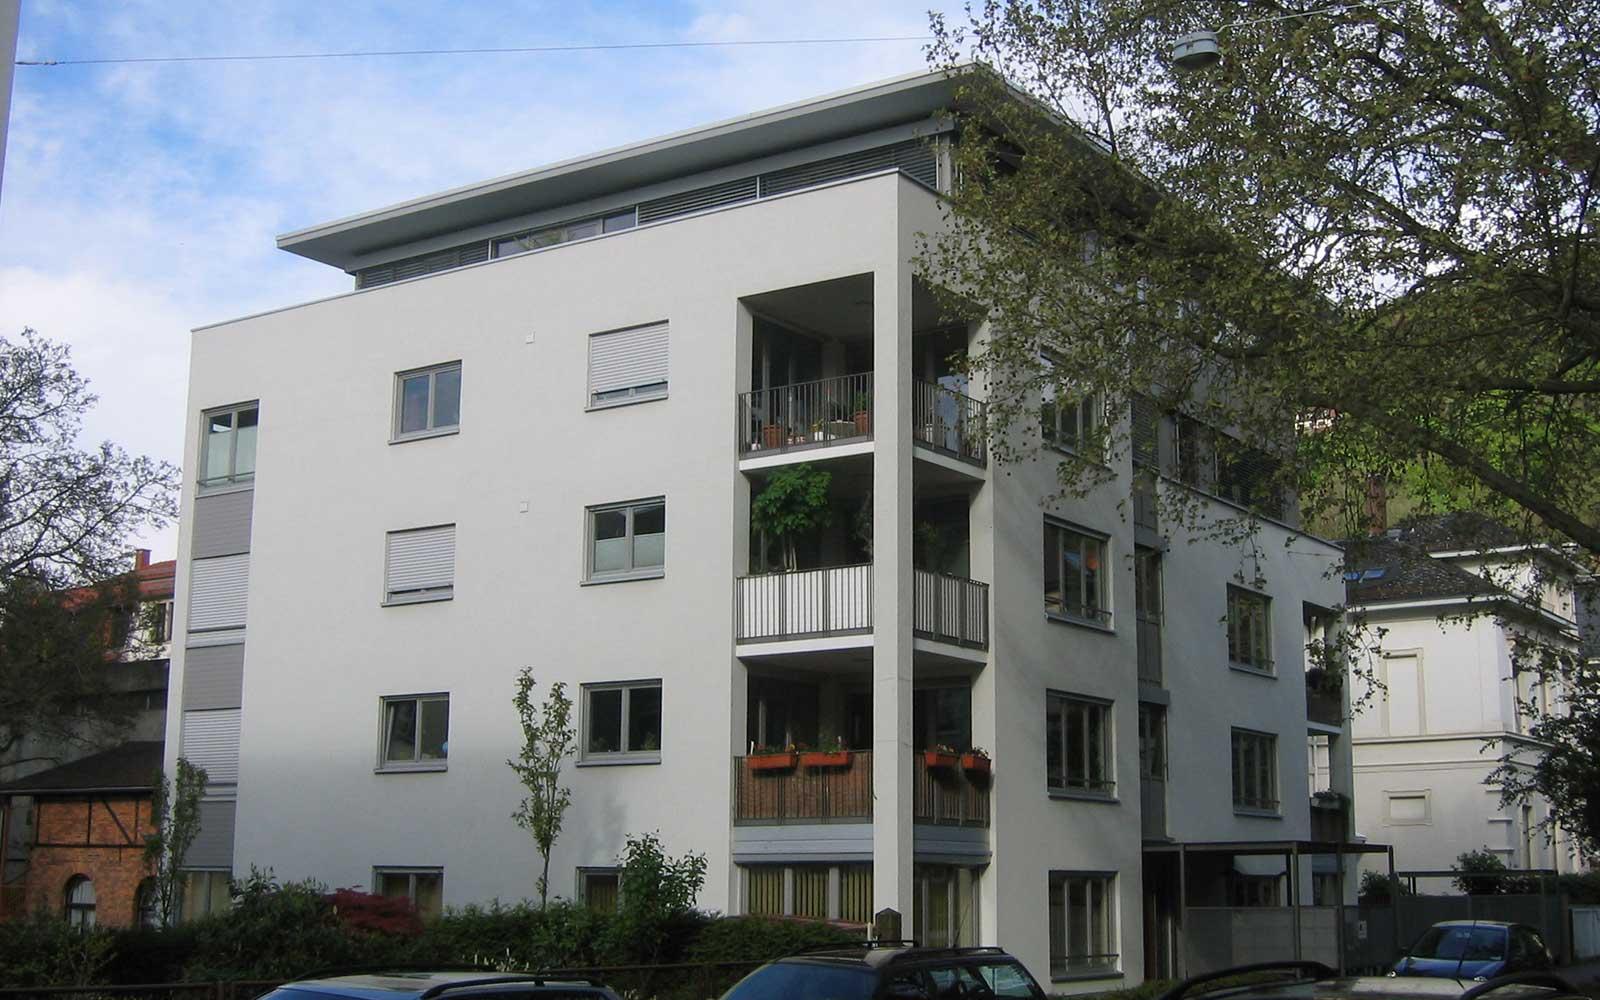 Mehrfamilienhaus in der Weststadt in Heidelberg, Kochhan und Weckbach Architektur